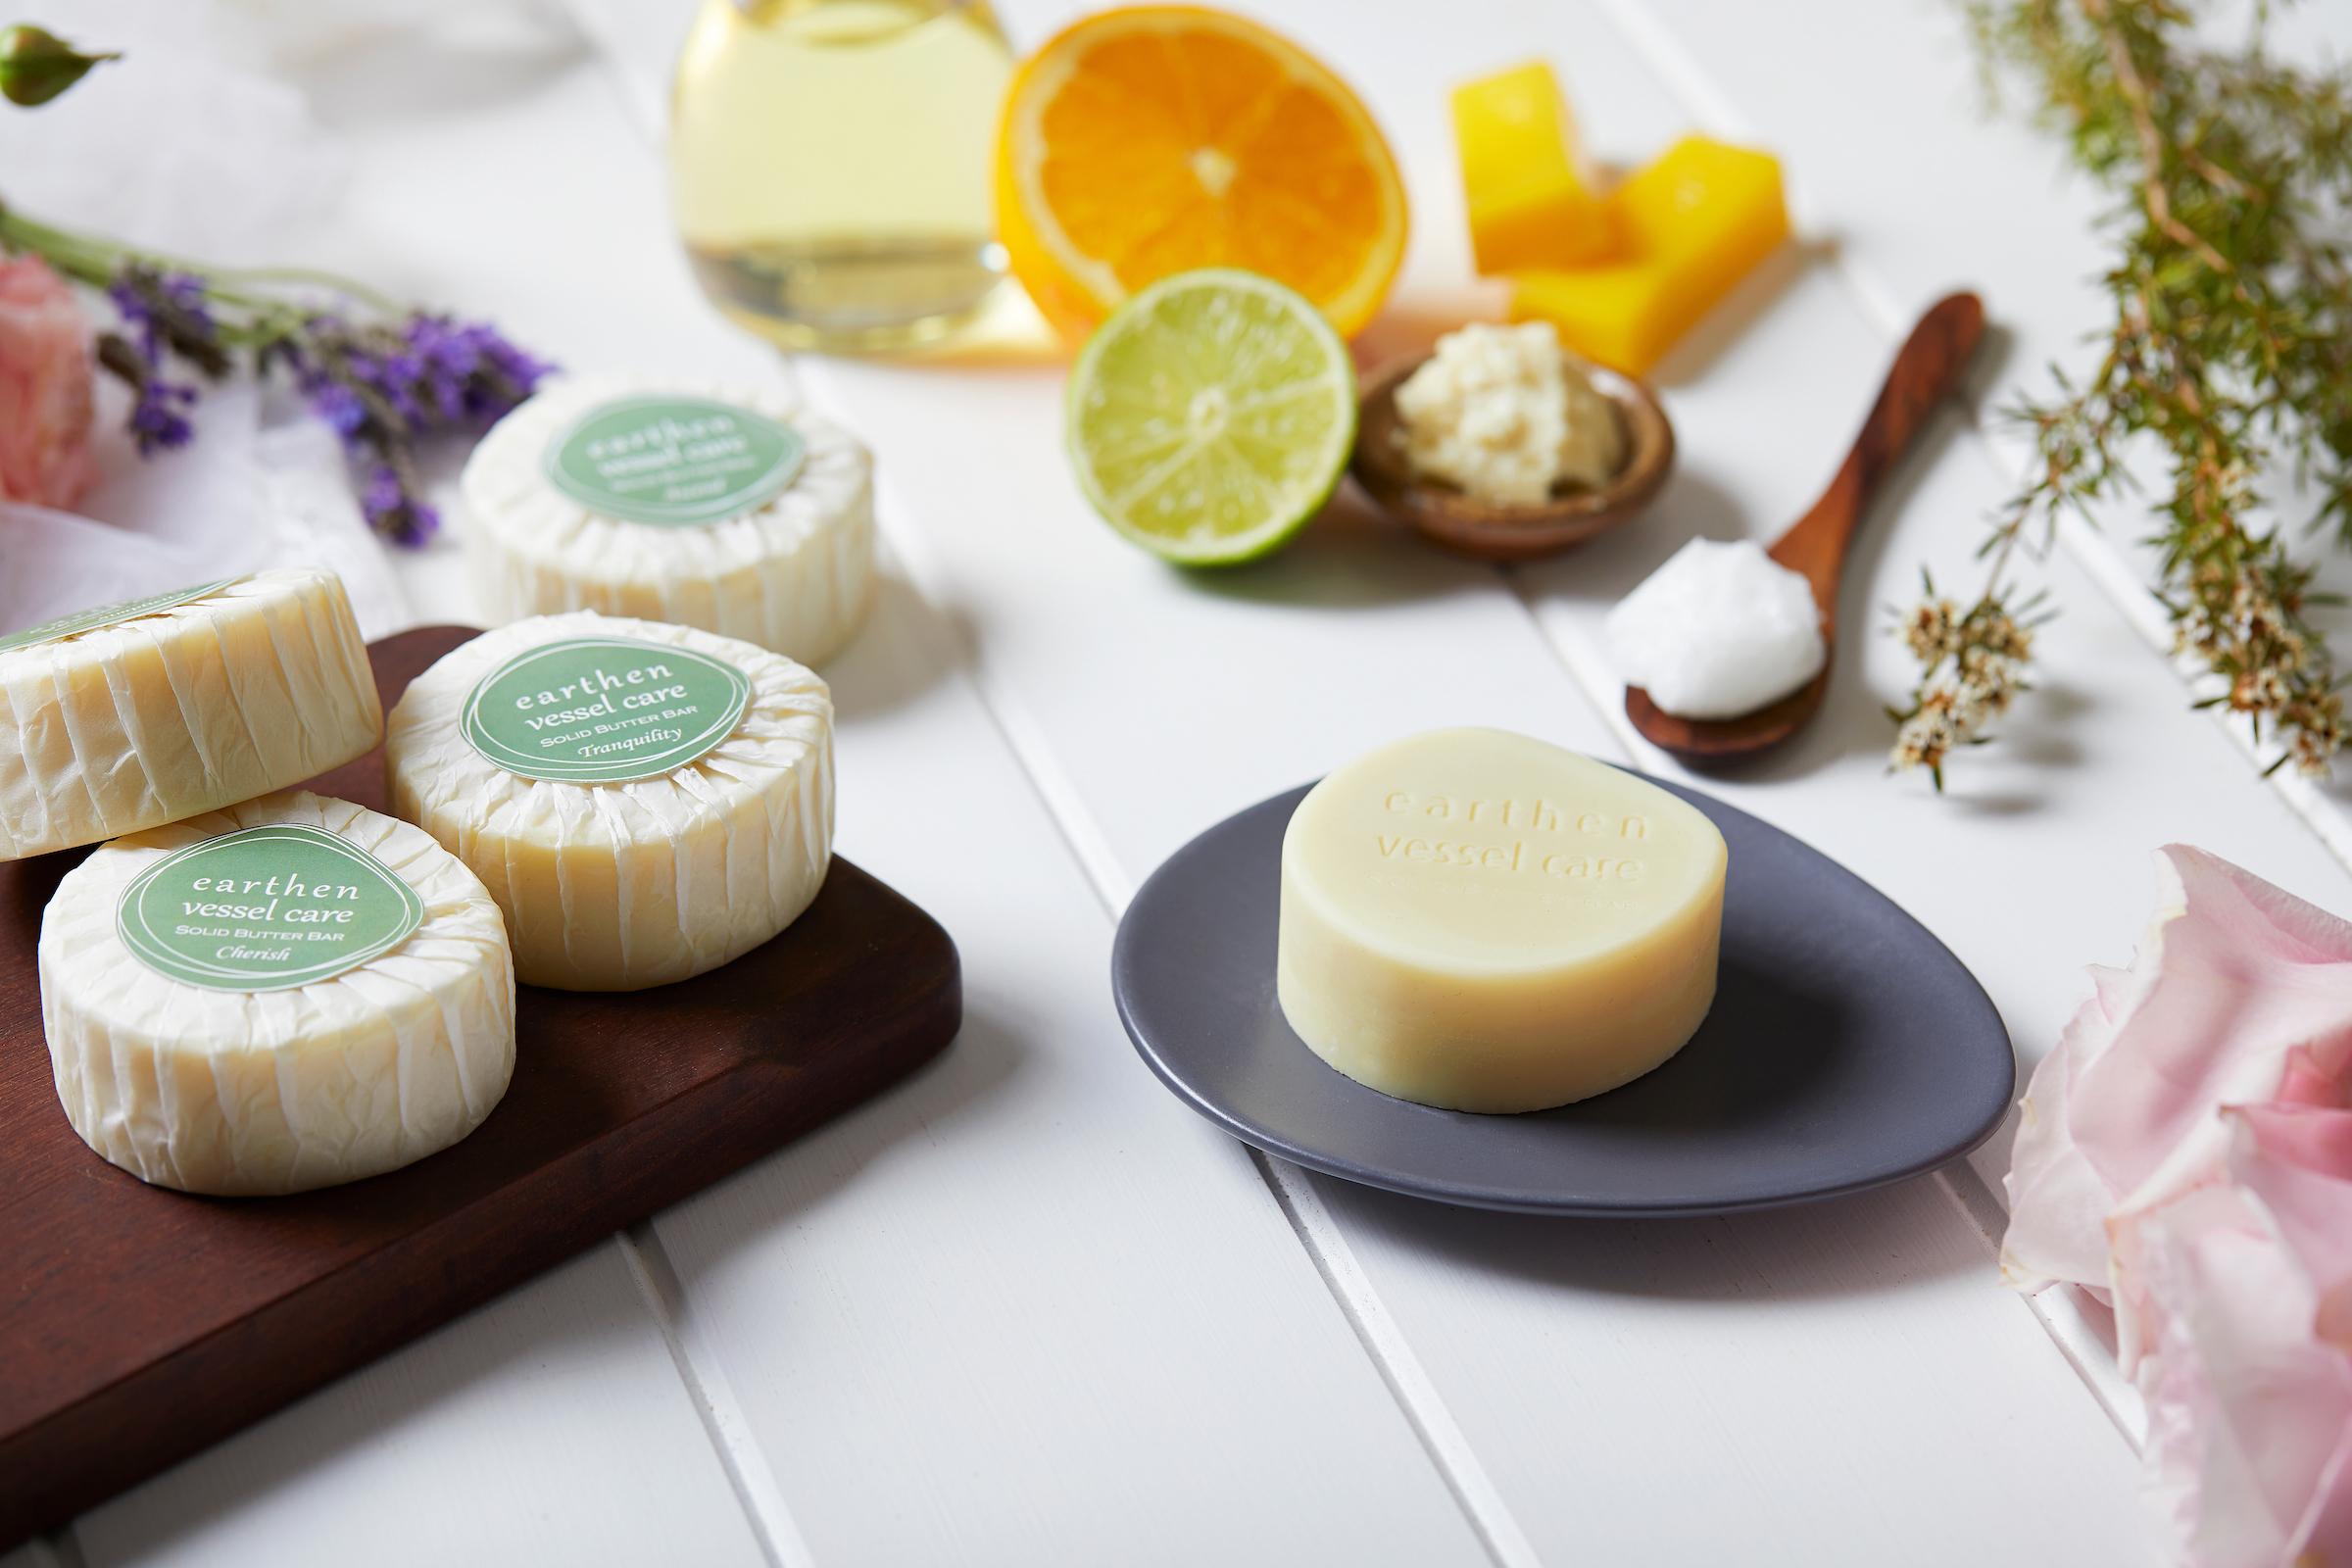 Earthen Vessel Care elegant range of Solid Butter Bars